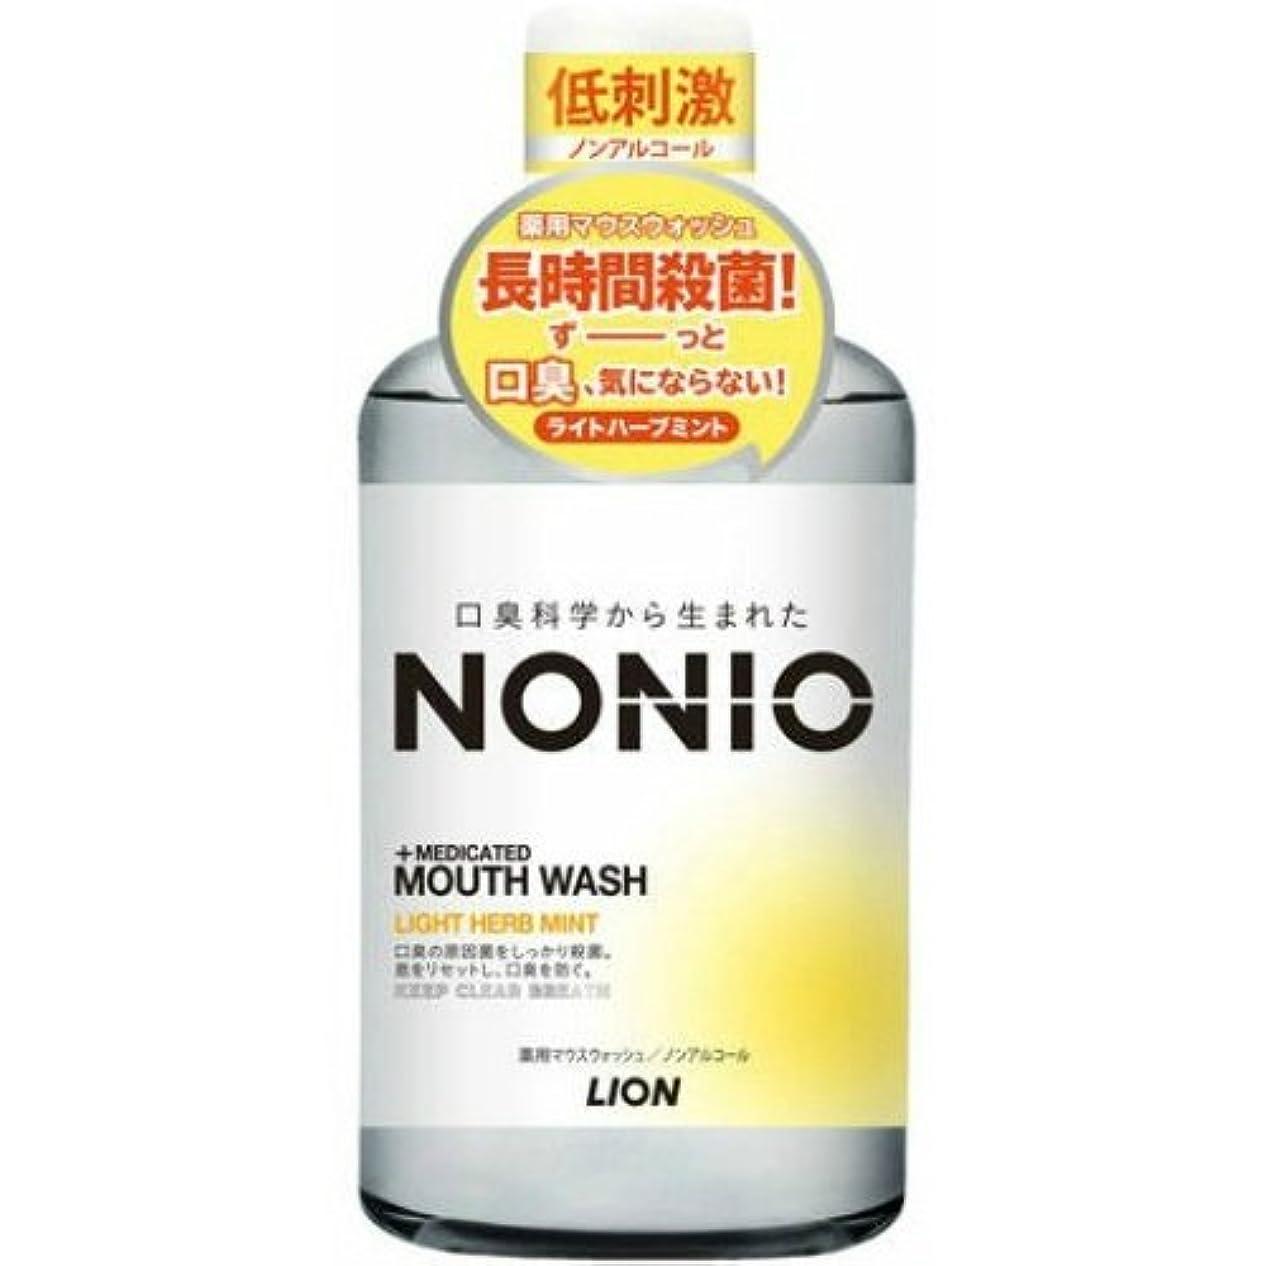 画面なめる密輸LION ライオン ノニオ NONIO 薬用マウスウォッシュ ノンアルコール ライトハーブミント 600ml 医薬部外品 ×012点セット(4903301259398)